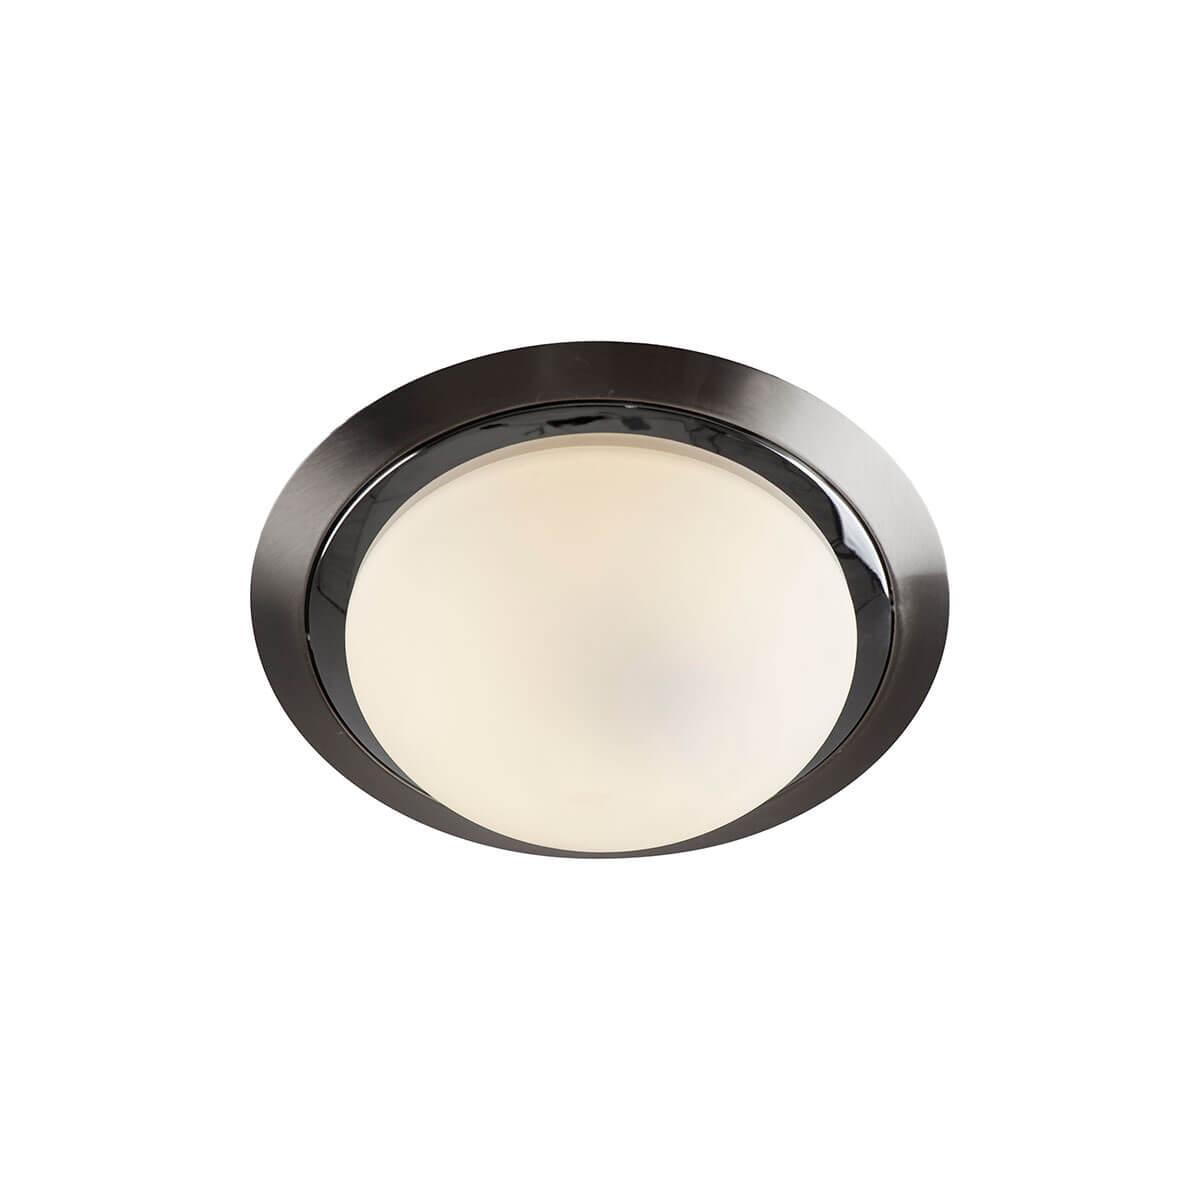 Потолочный светильник IDLamp Alessa 371/15PF-Whitechrome потолочный светильник idlamp alessa 370 25pf whitechrome